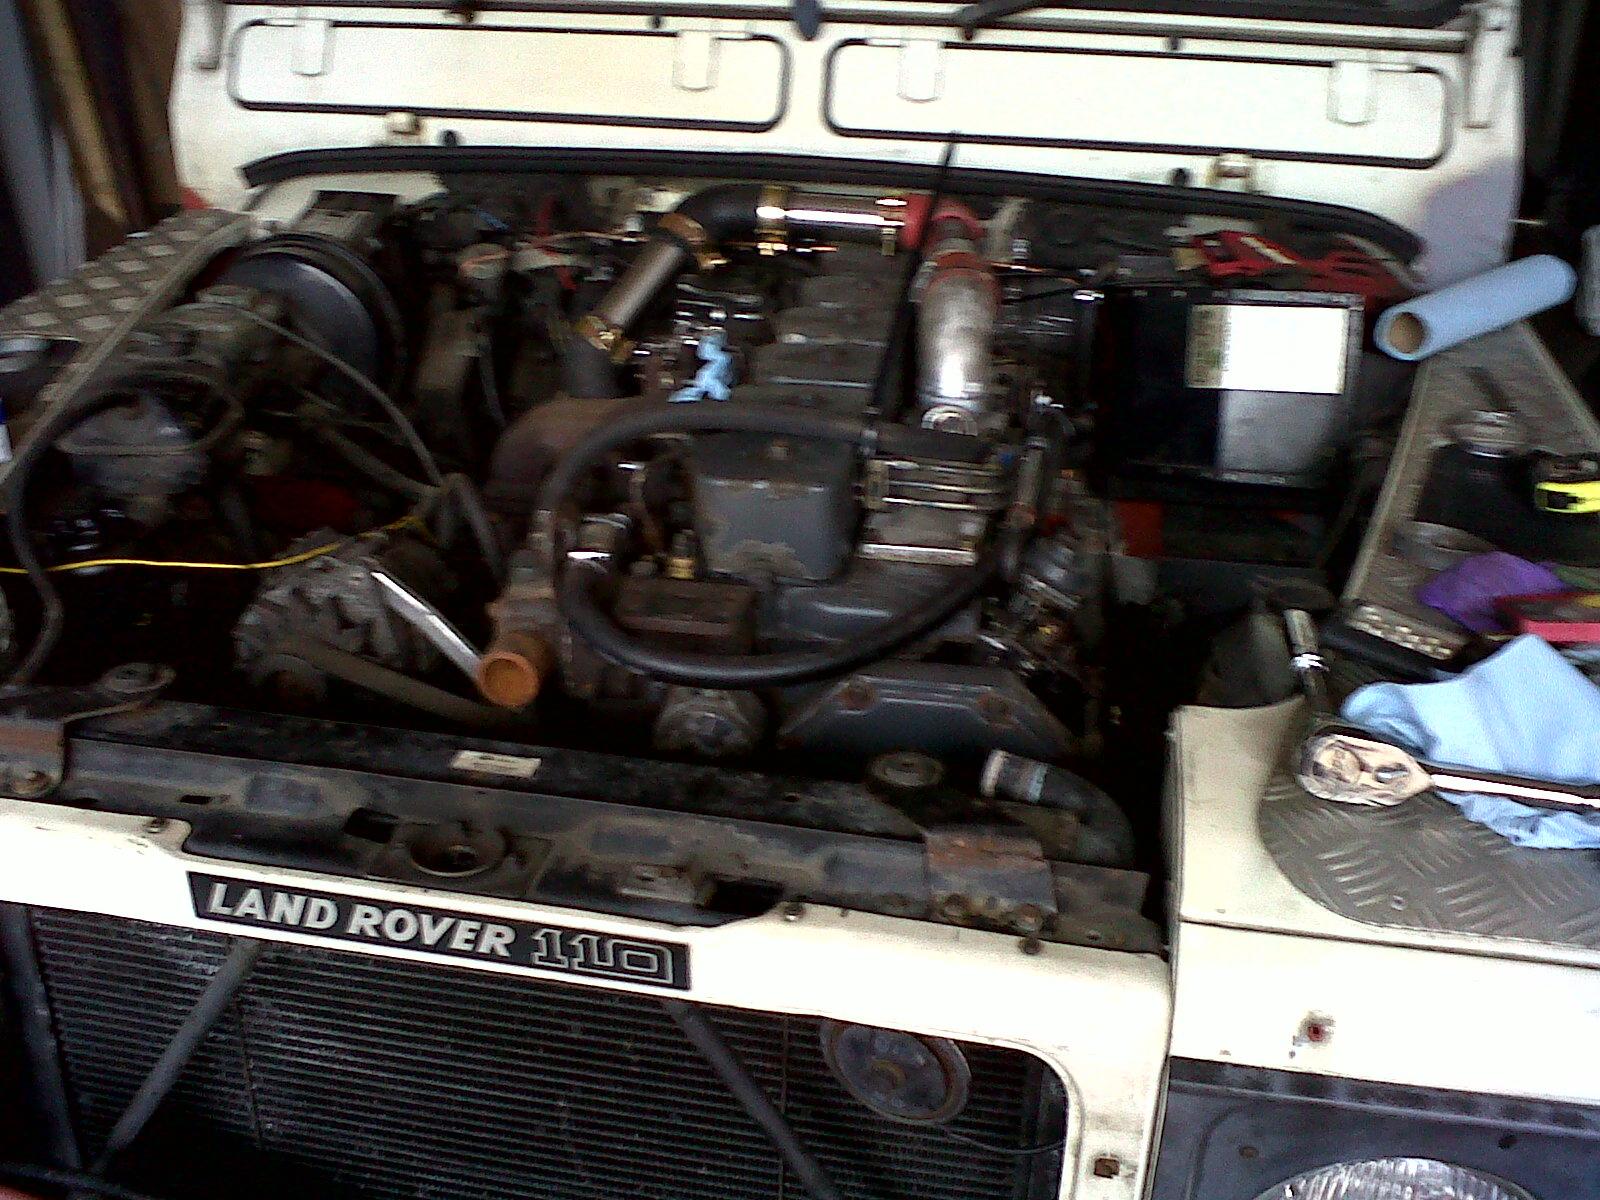 BIG Diesel - Page 2 - International Forum - LR4x4 - The Land Rover Forum